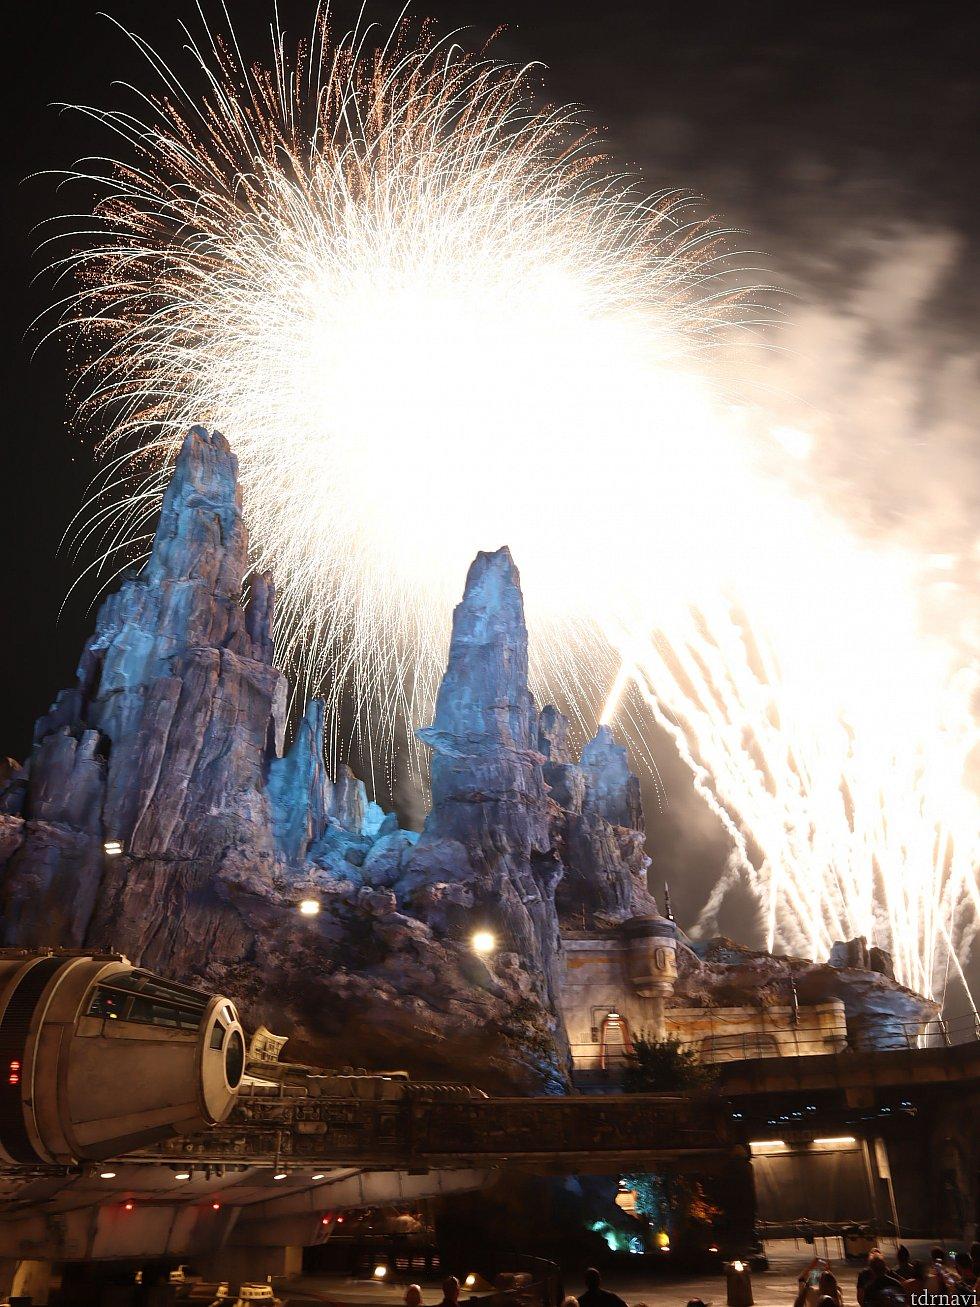 最後はエリア全体が明るくなるほどの大量の花火が!現地を訪れた際はぜひご覧ください!